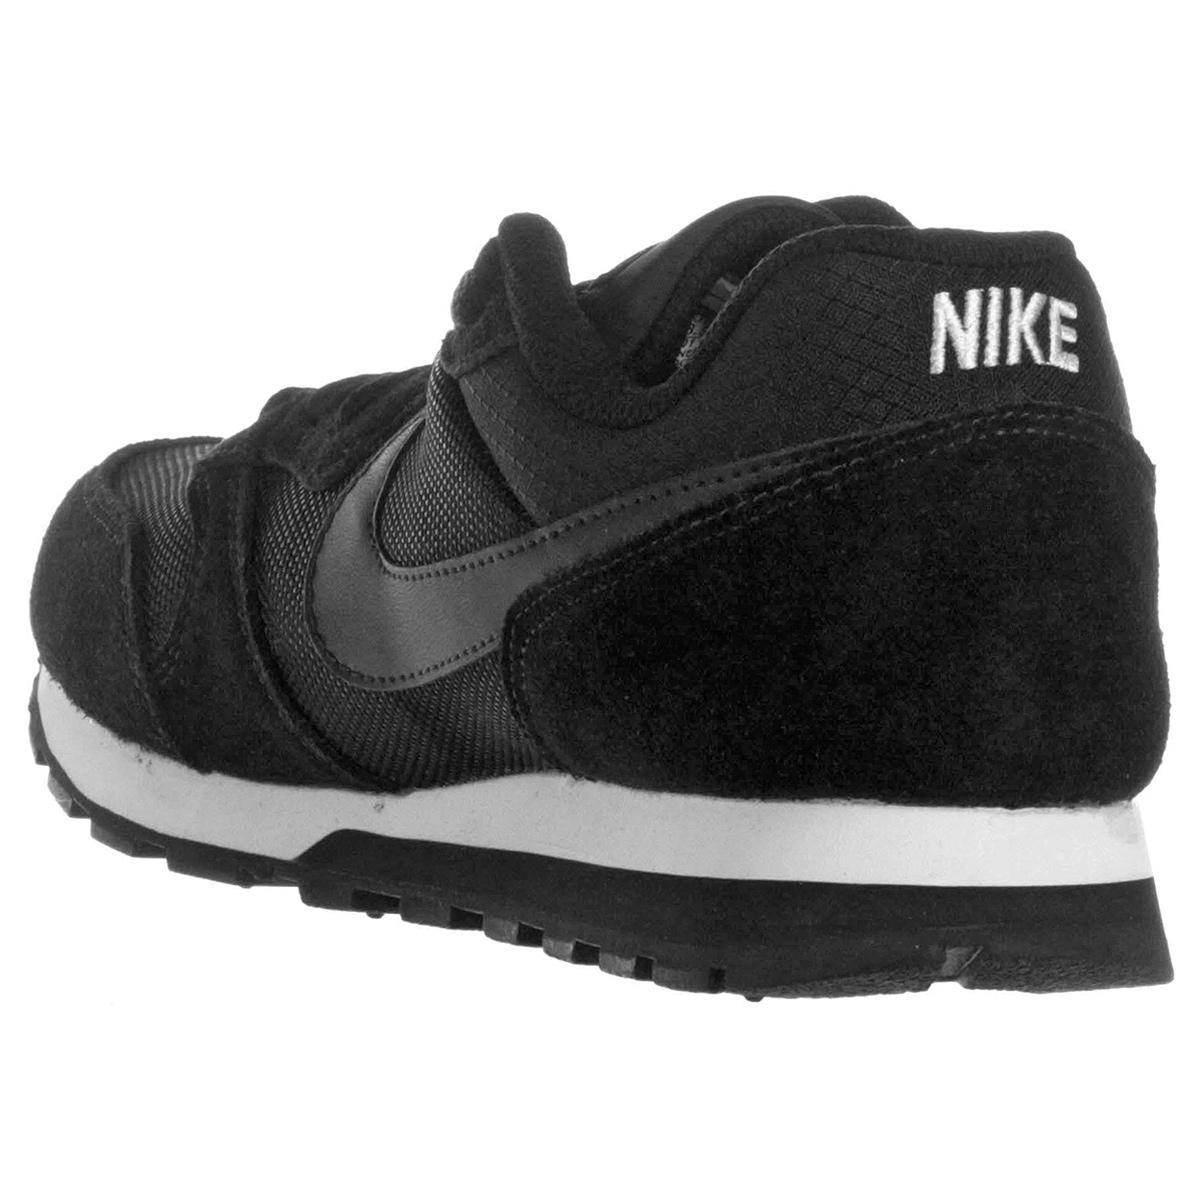 Tênis Nike Md Runner 2 Feminino - Tam: 35 - 2